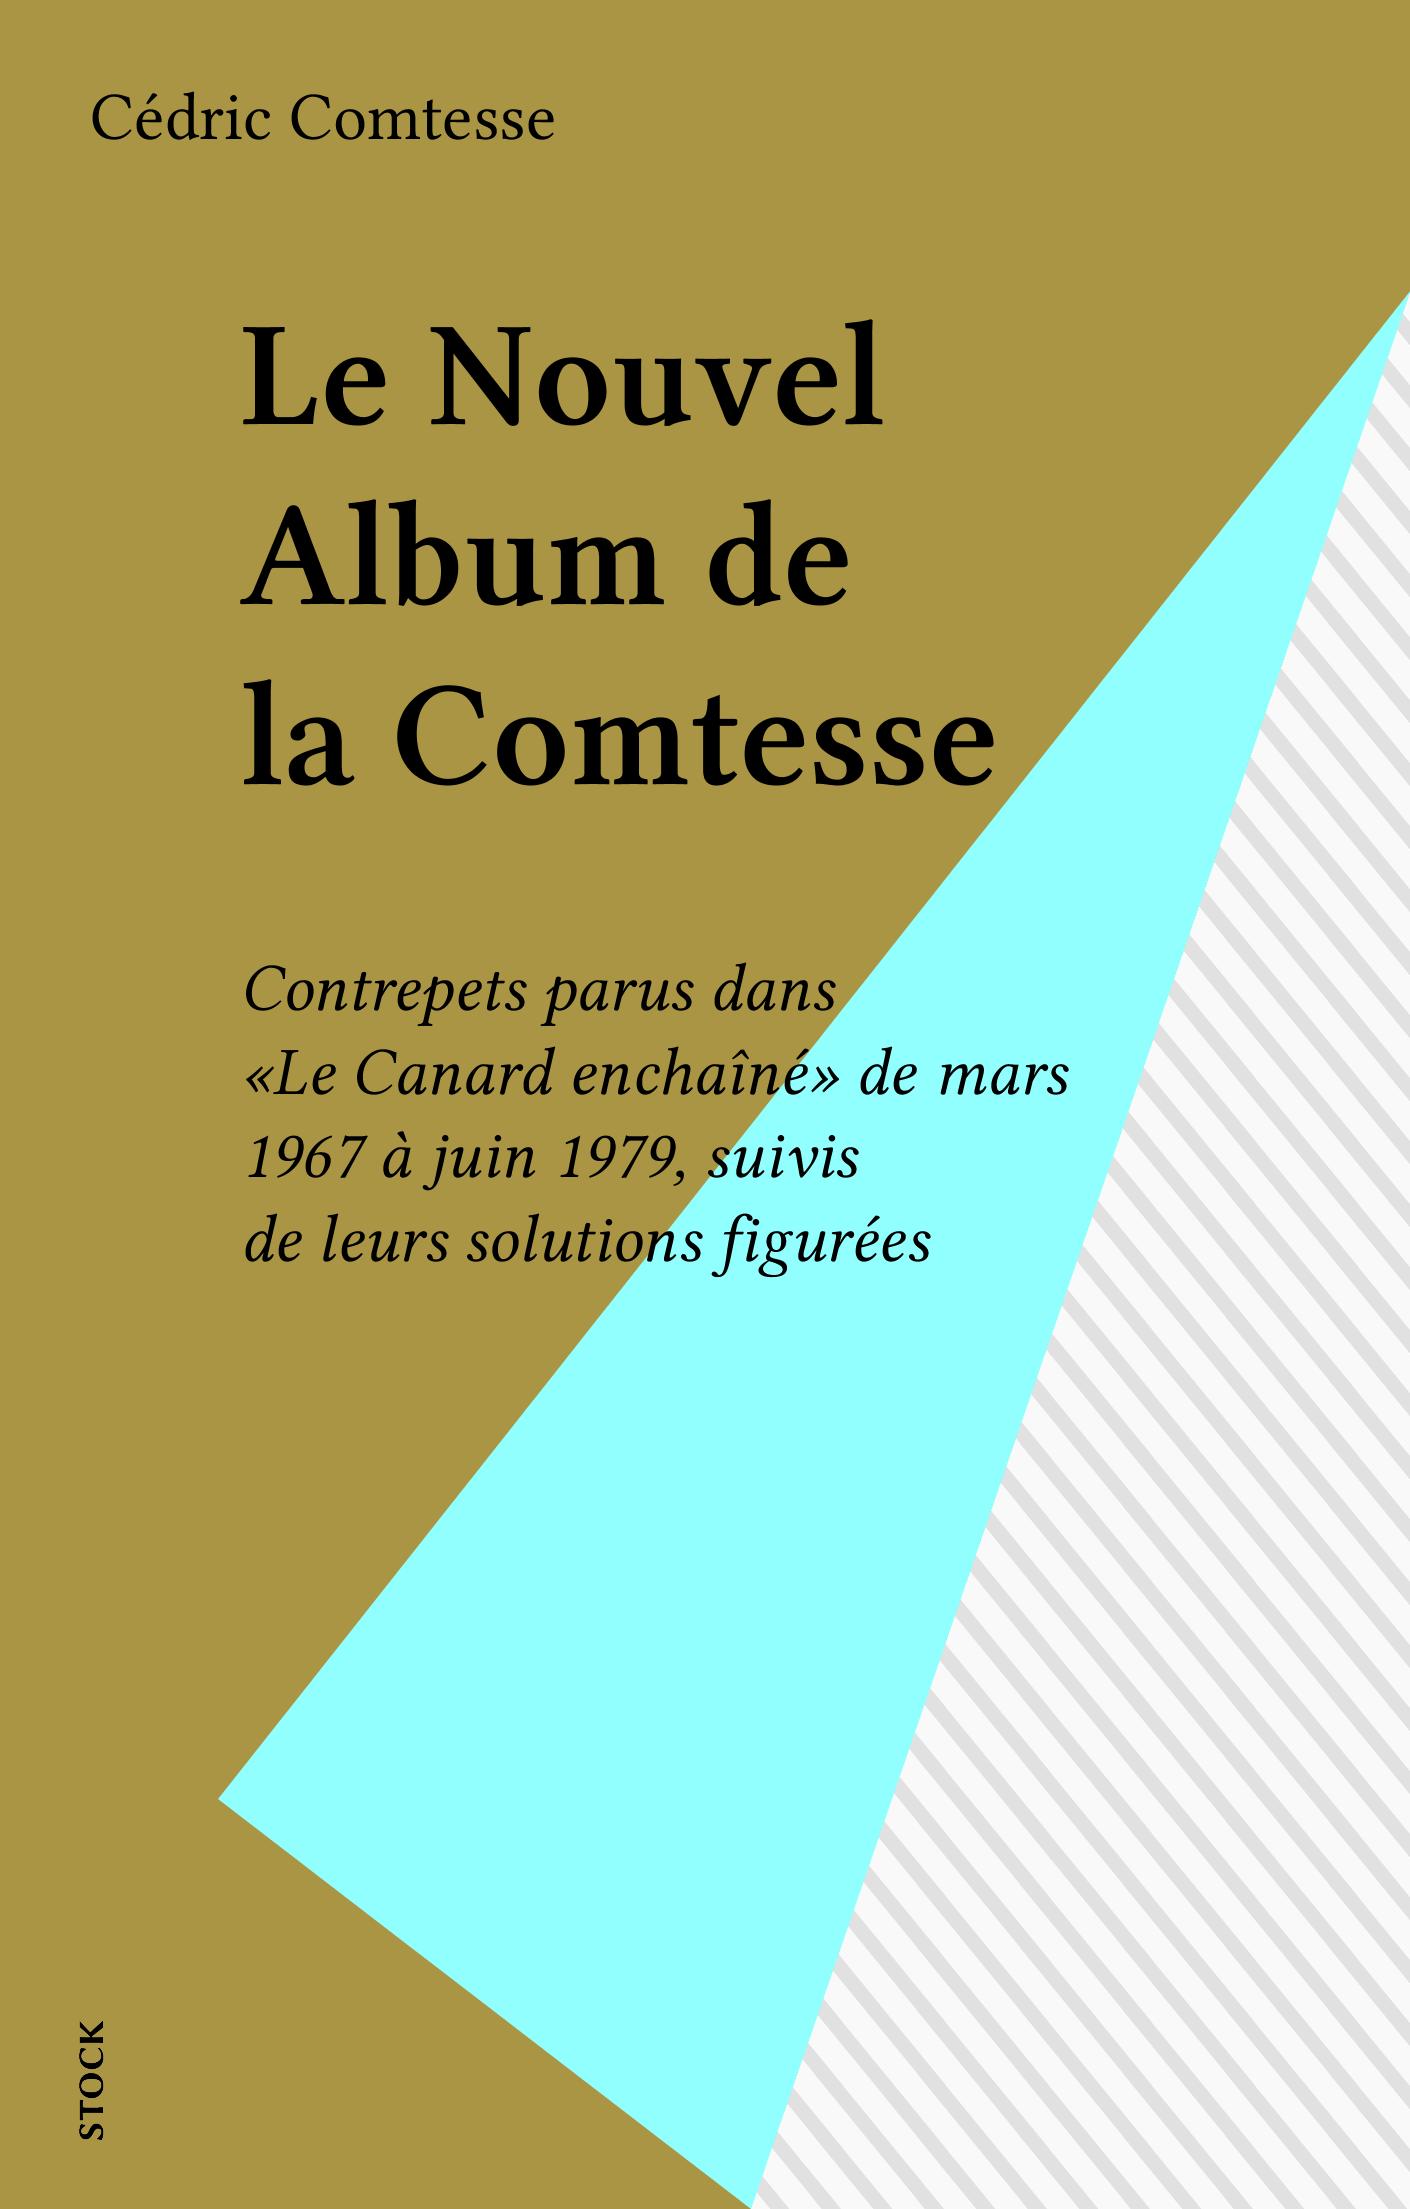 Le Nouvel Album de la Comtesse, CONTREPETS PARUS DANS «LE CANARD ENCHAÎNÉ» DE MARS 1967 À JUIN 1979, SUIVIS DE LEURS SOLUTIONS FIGUR